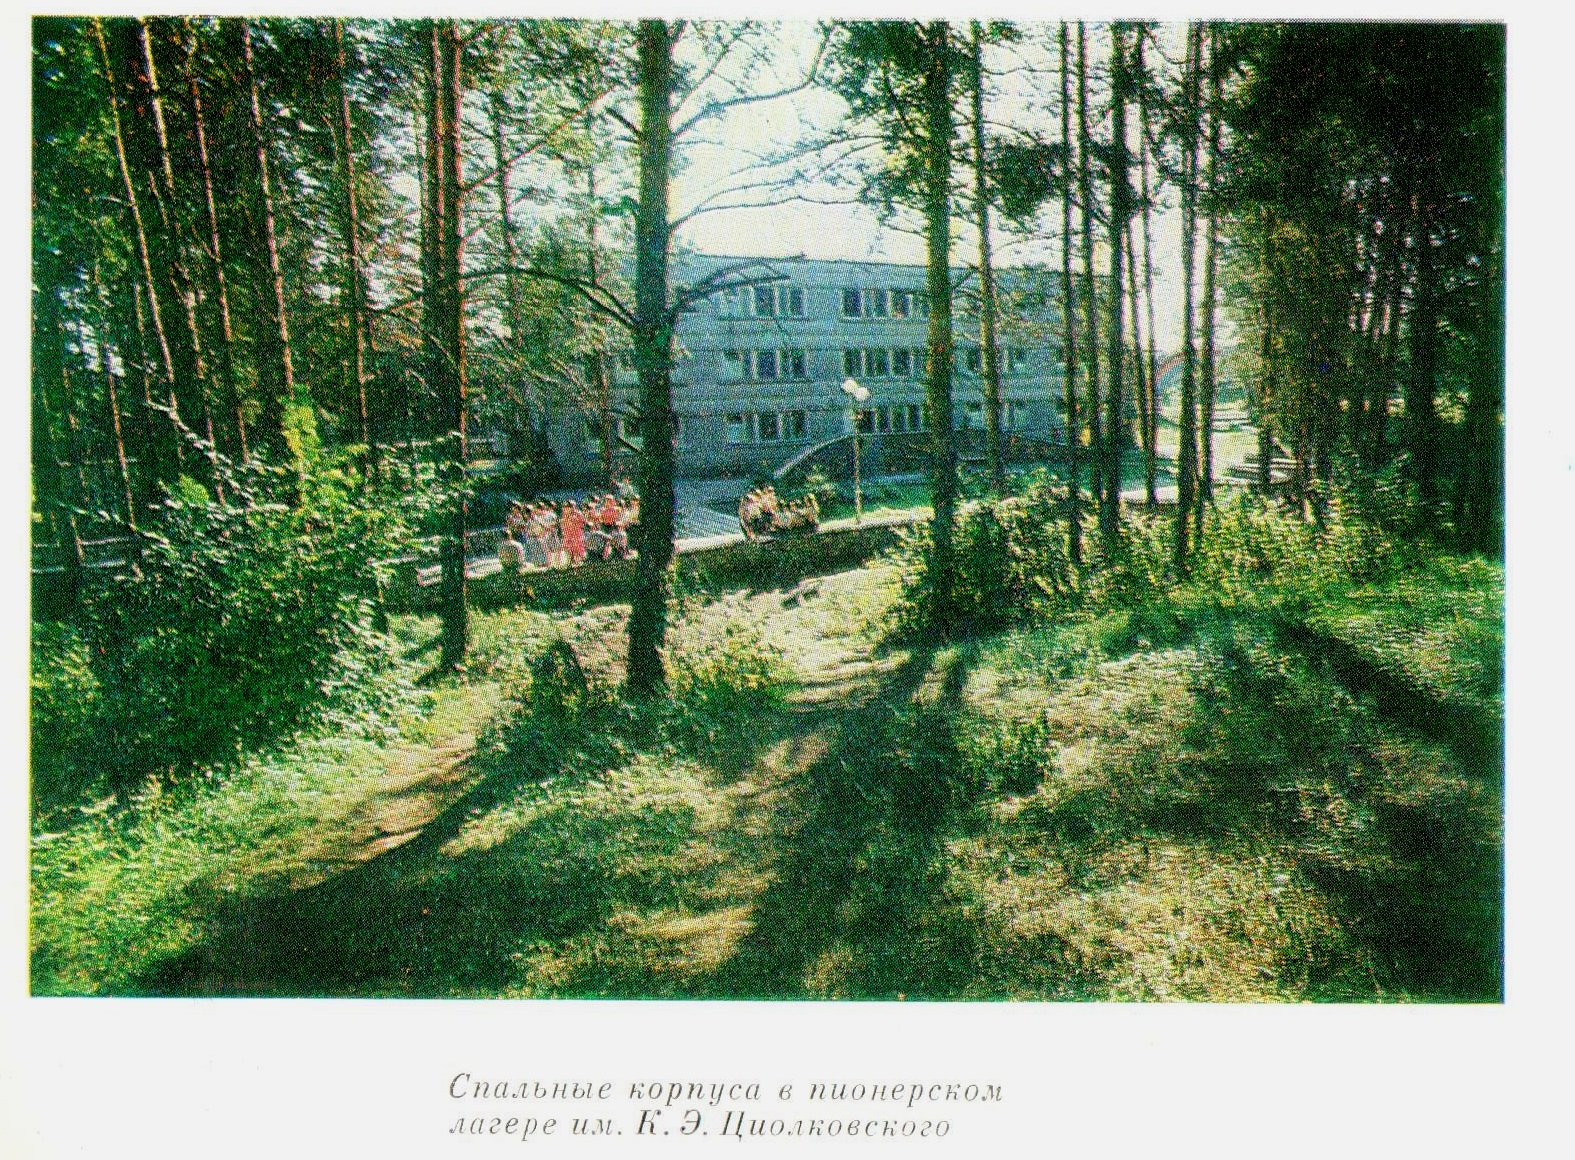 КМЗ им. Ленина. Куйбышев, 1985